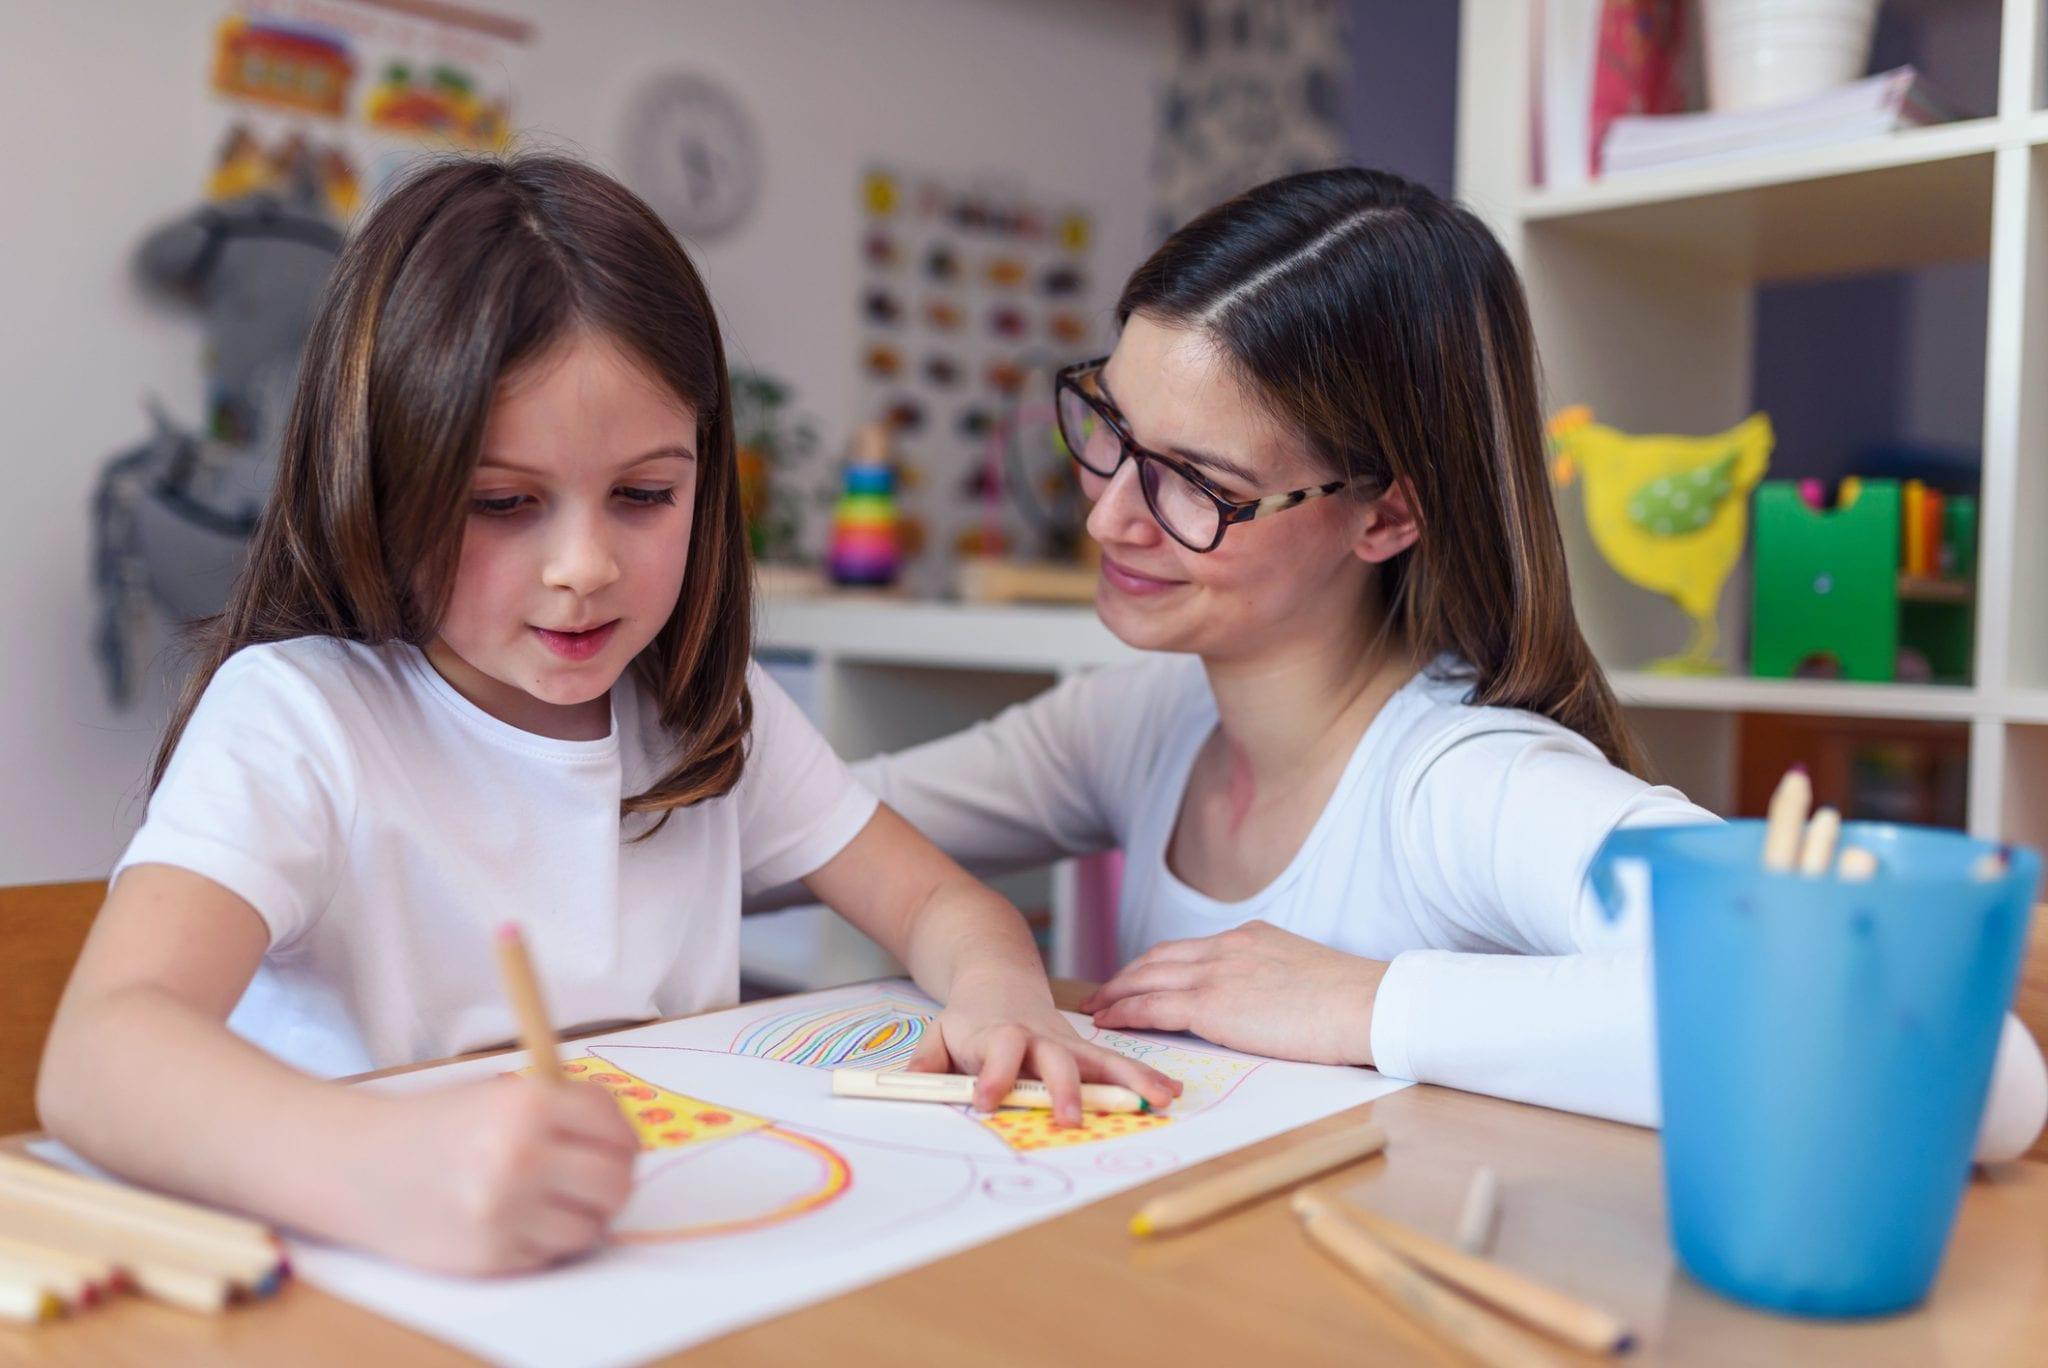 Gastouder met kind tekenen